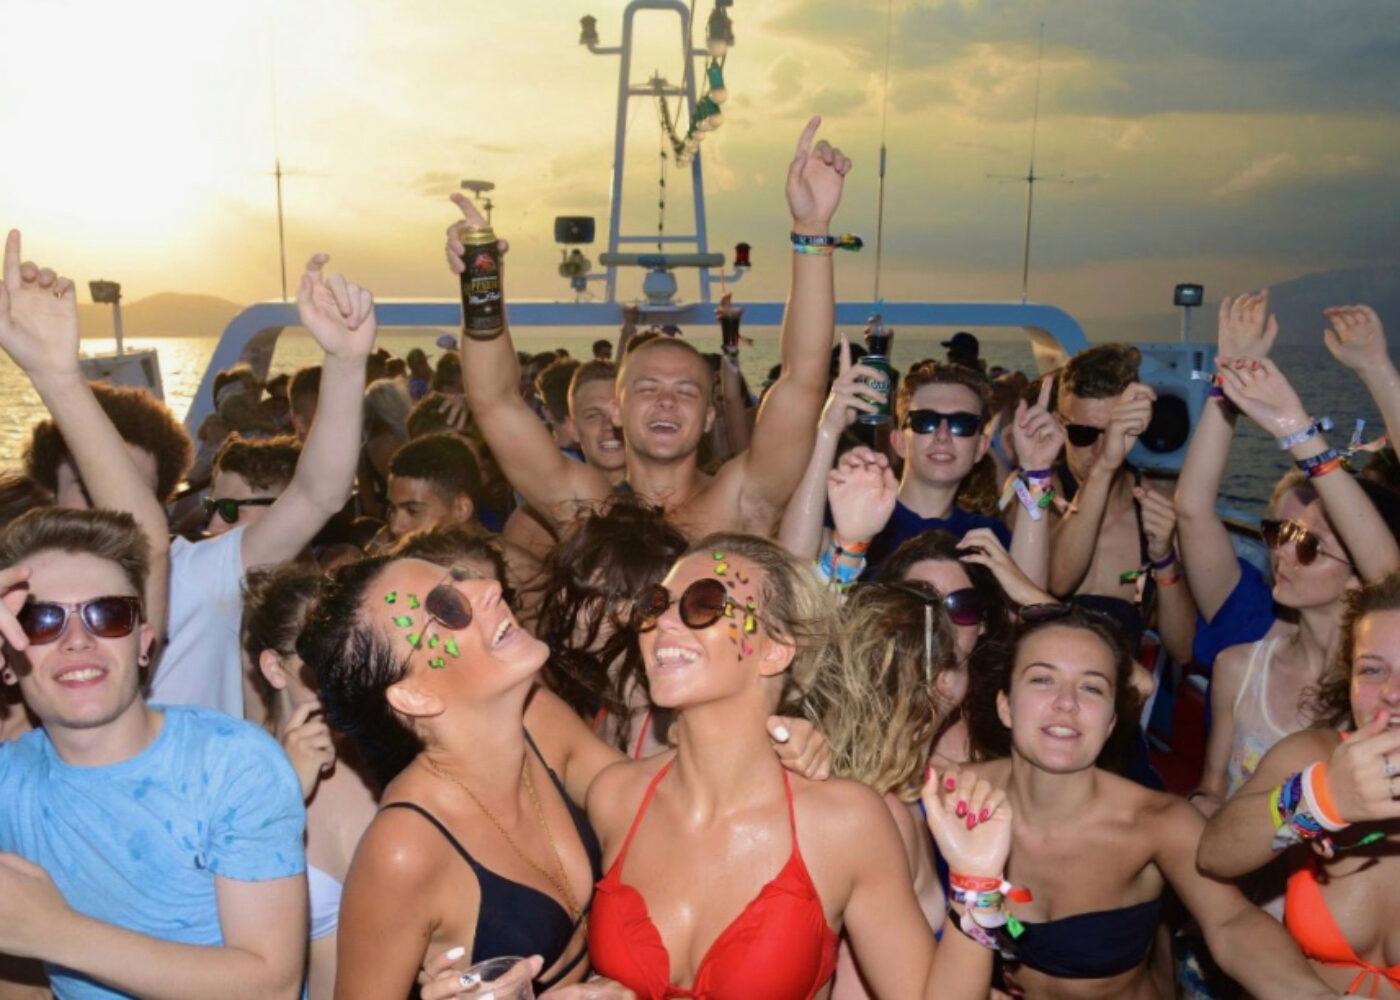 zante boat party 2022